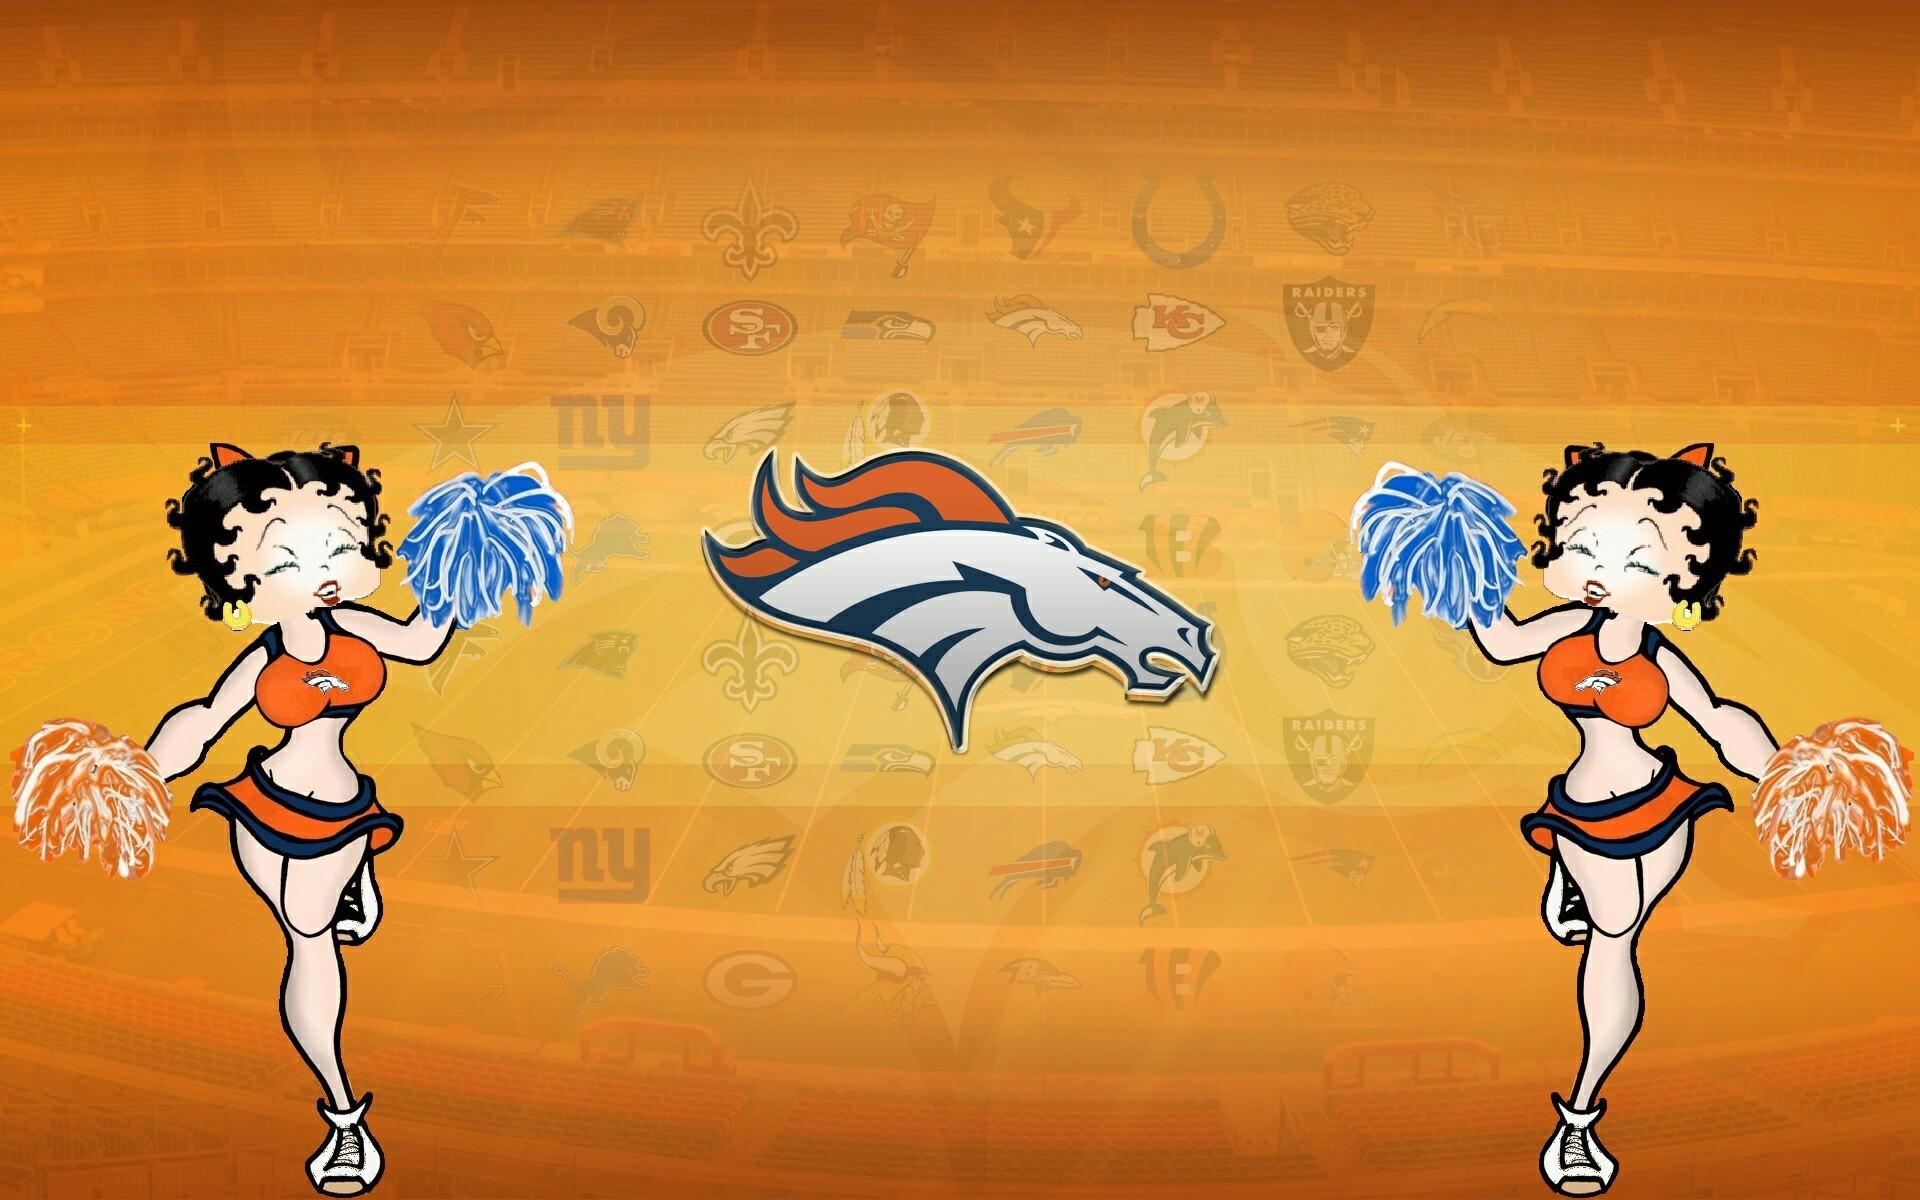 Explore Denver Broncos Wallpaper and more!